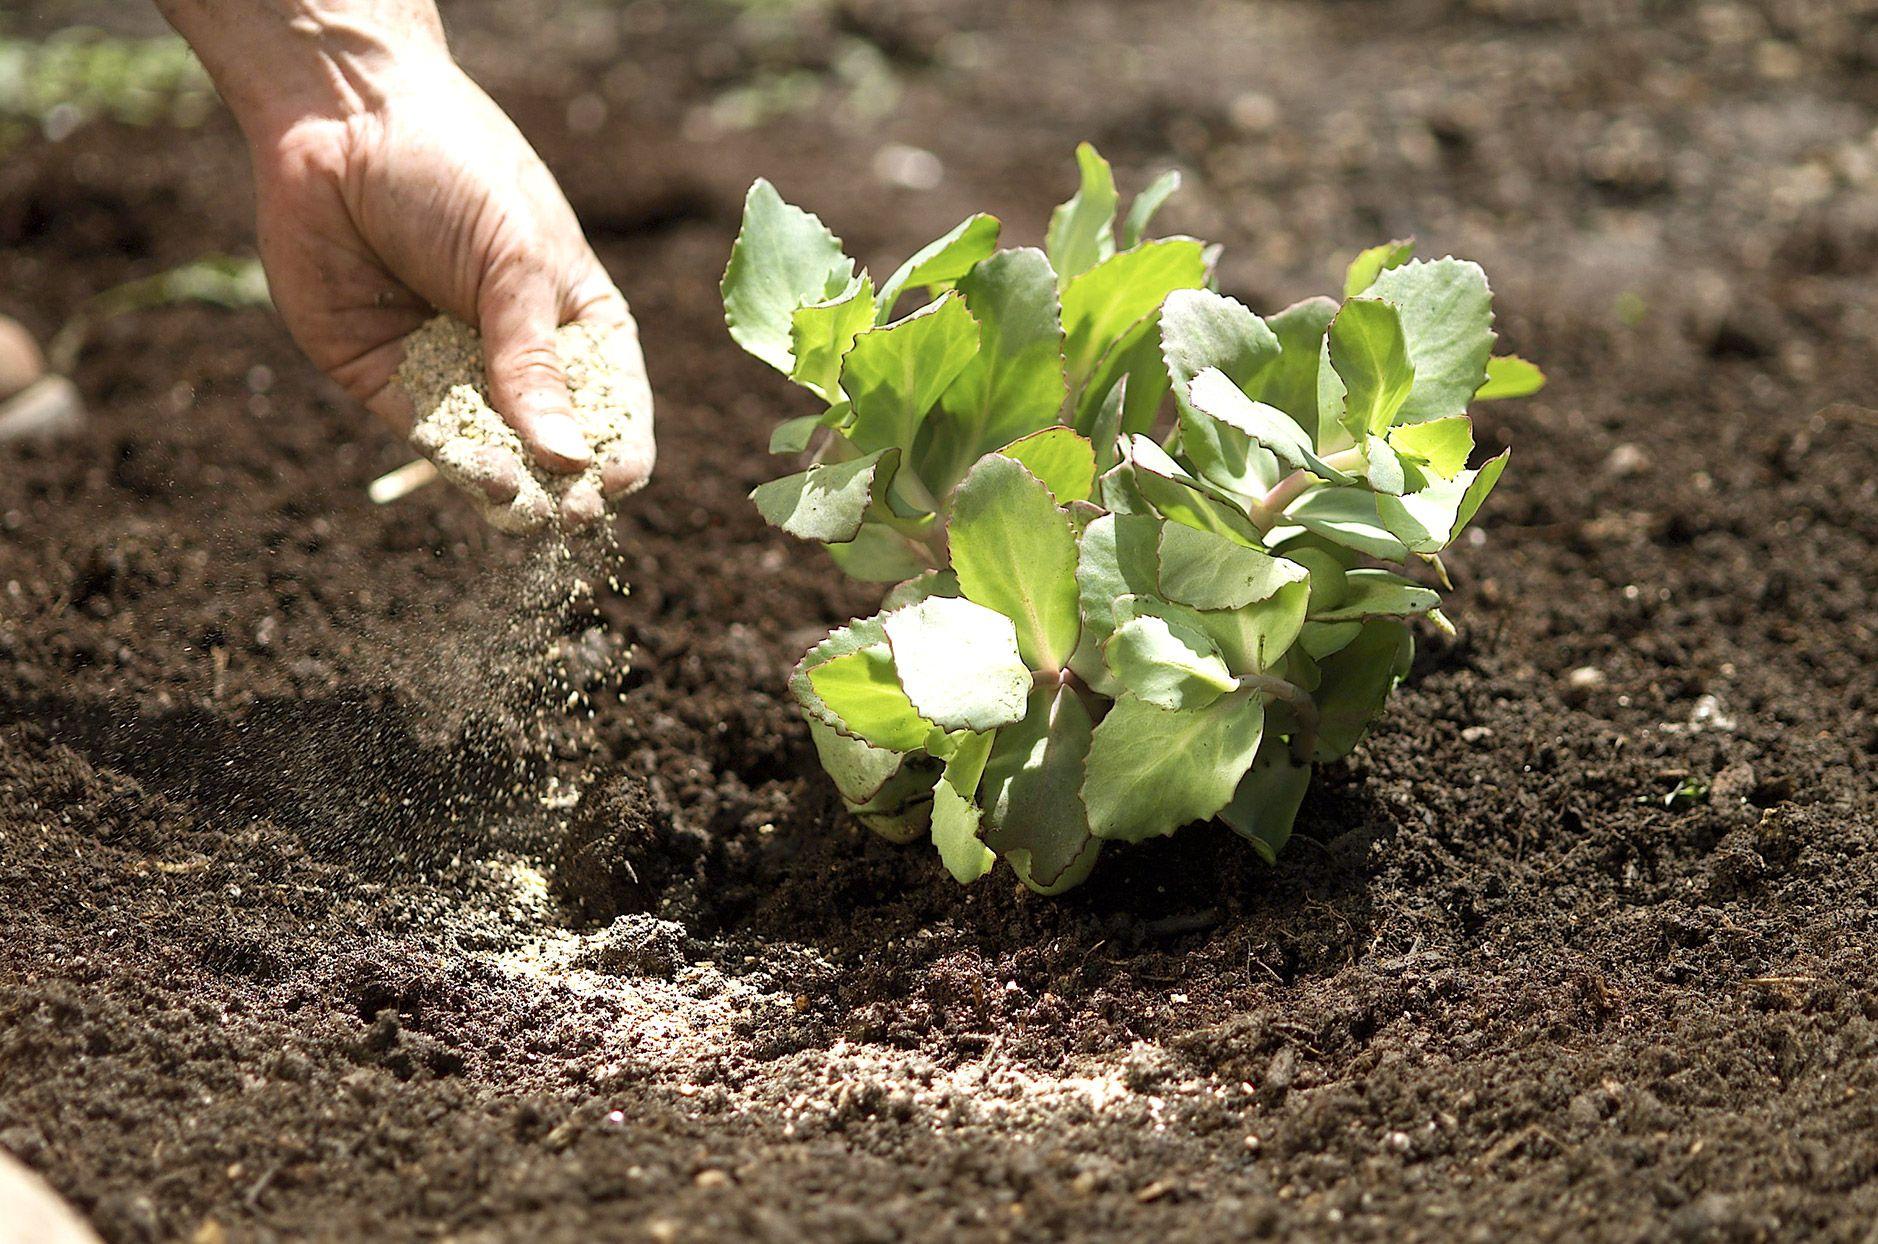 b521a8cb3604d6d4376f8f5c5798534b - Is Composted Manure Safe For Vegetable Gardens